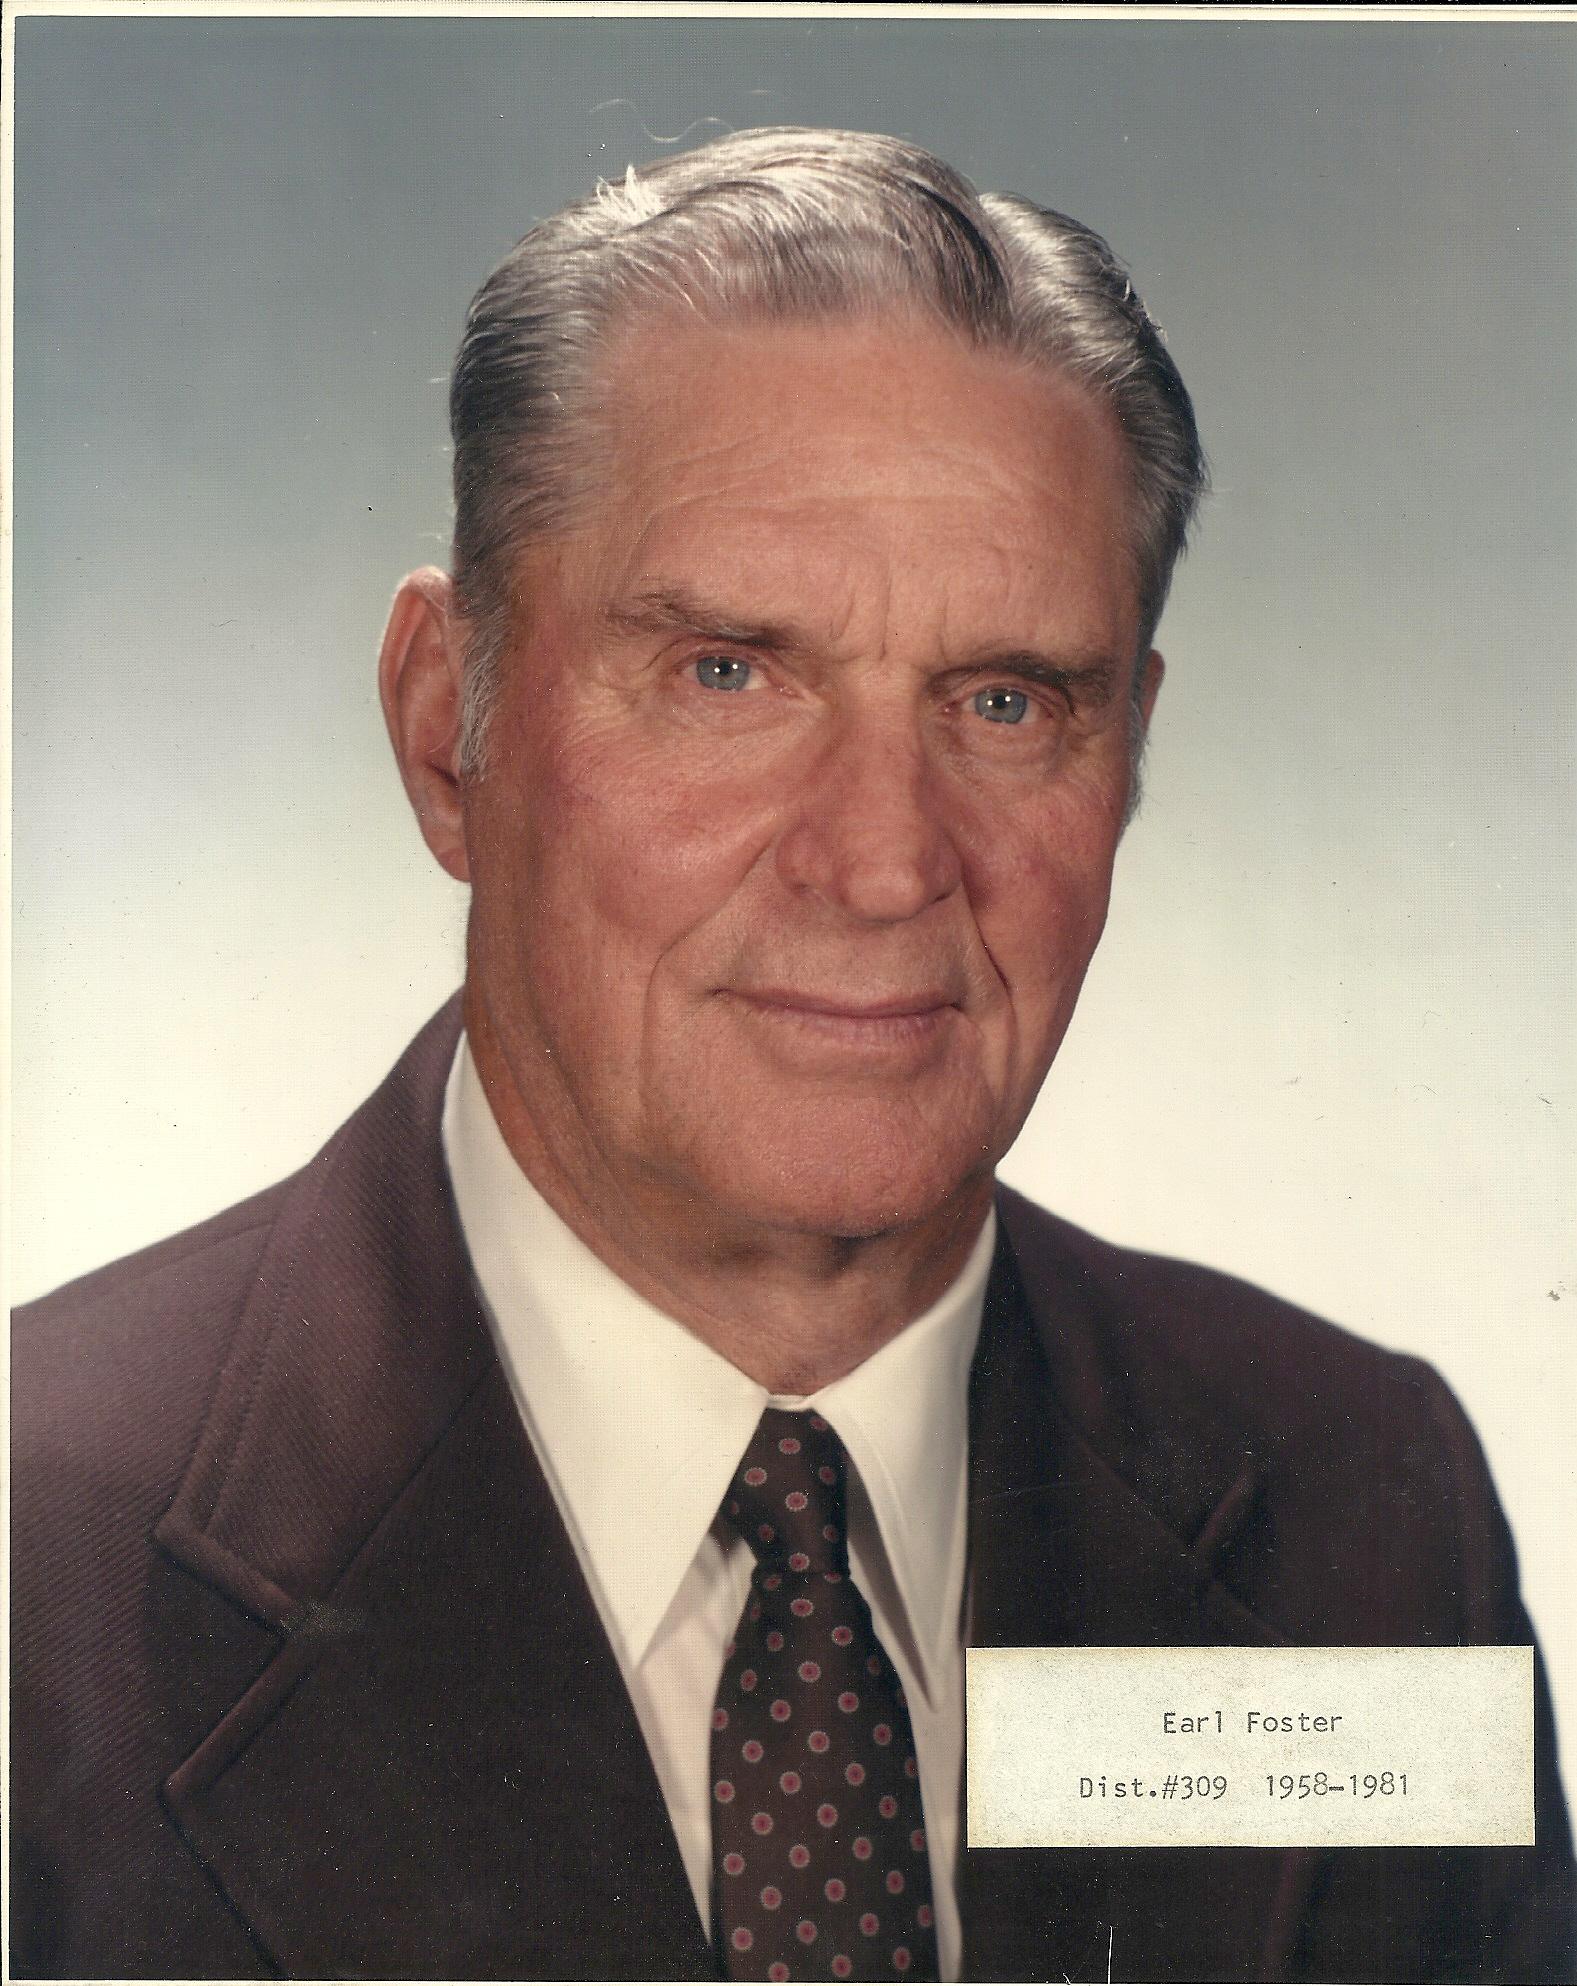 Earl Foster